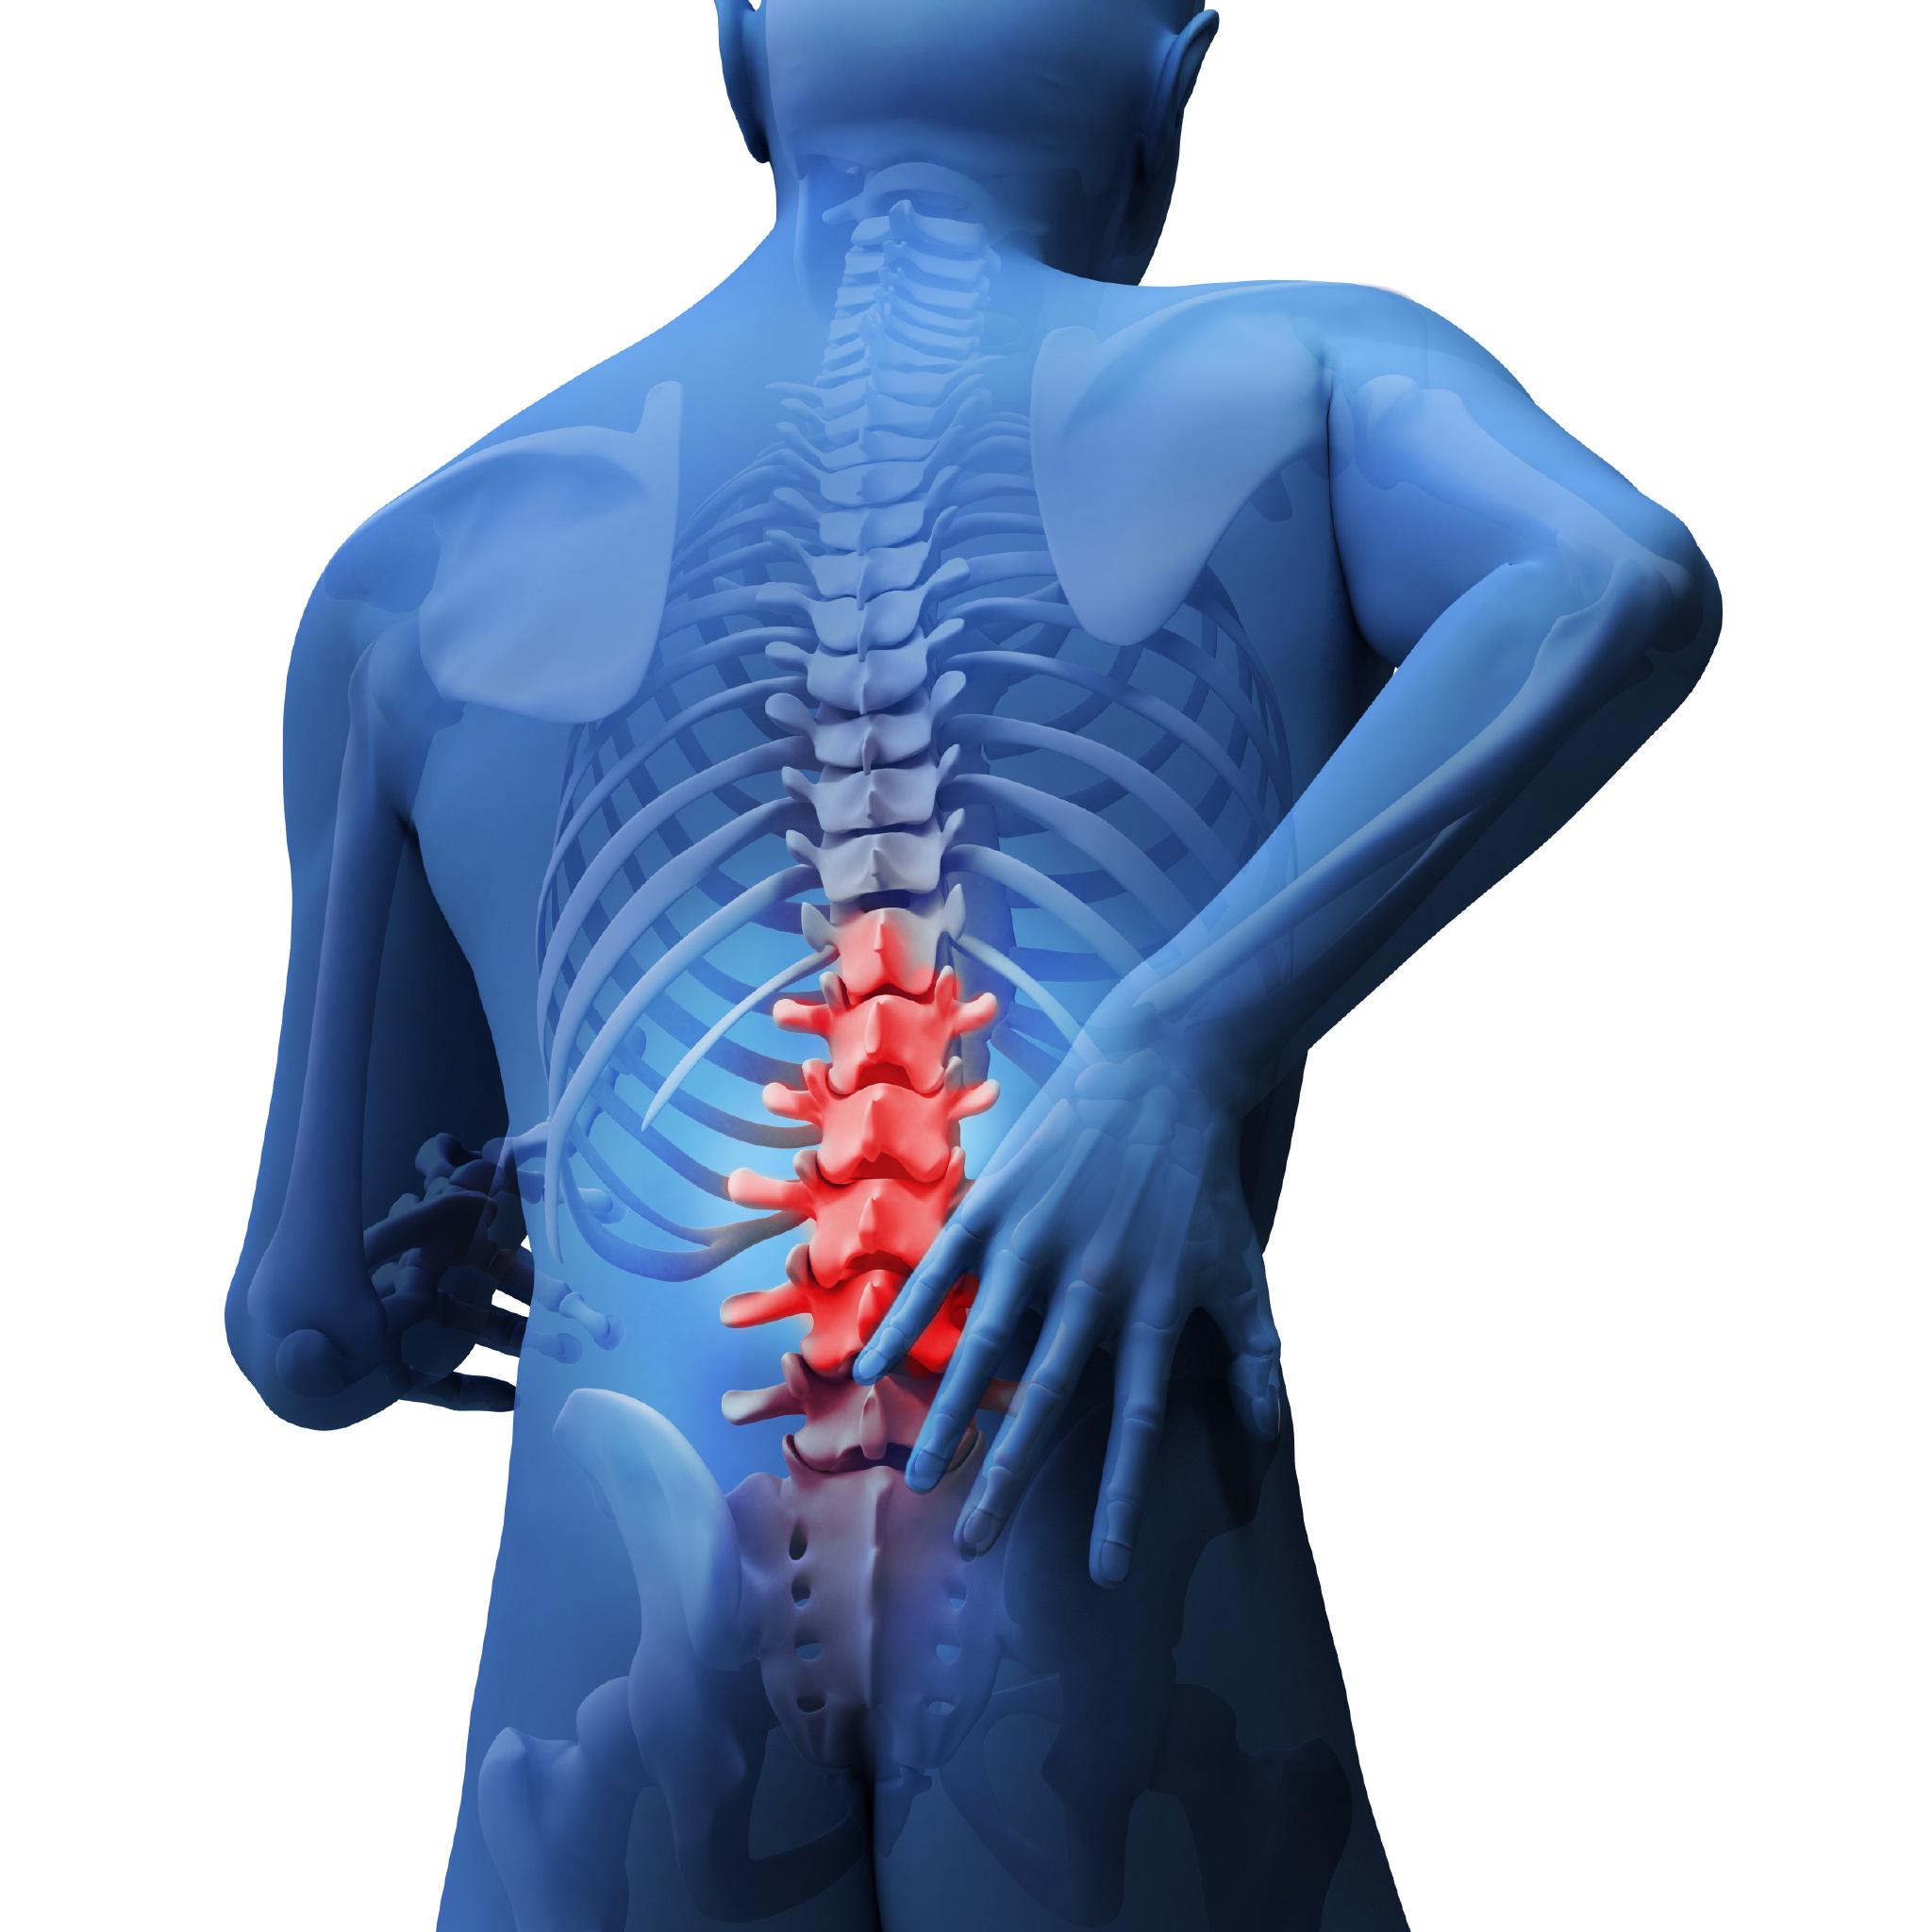 坐骨神经痛的主要症状有哪些